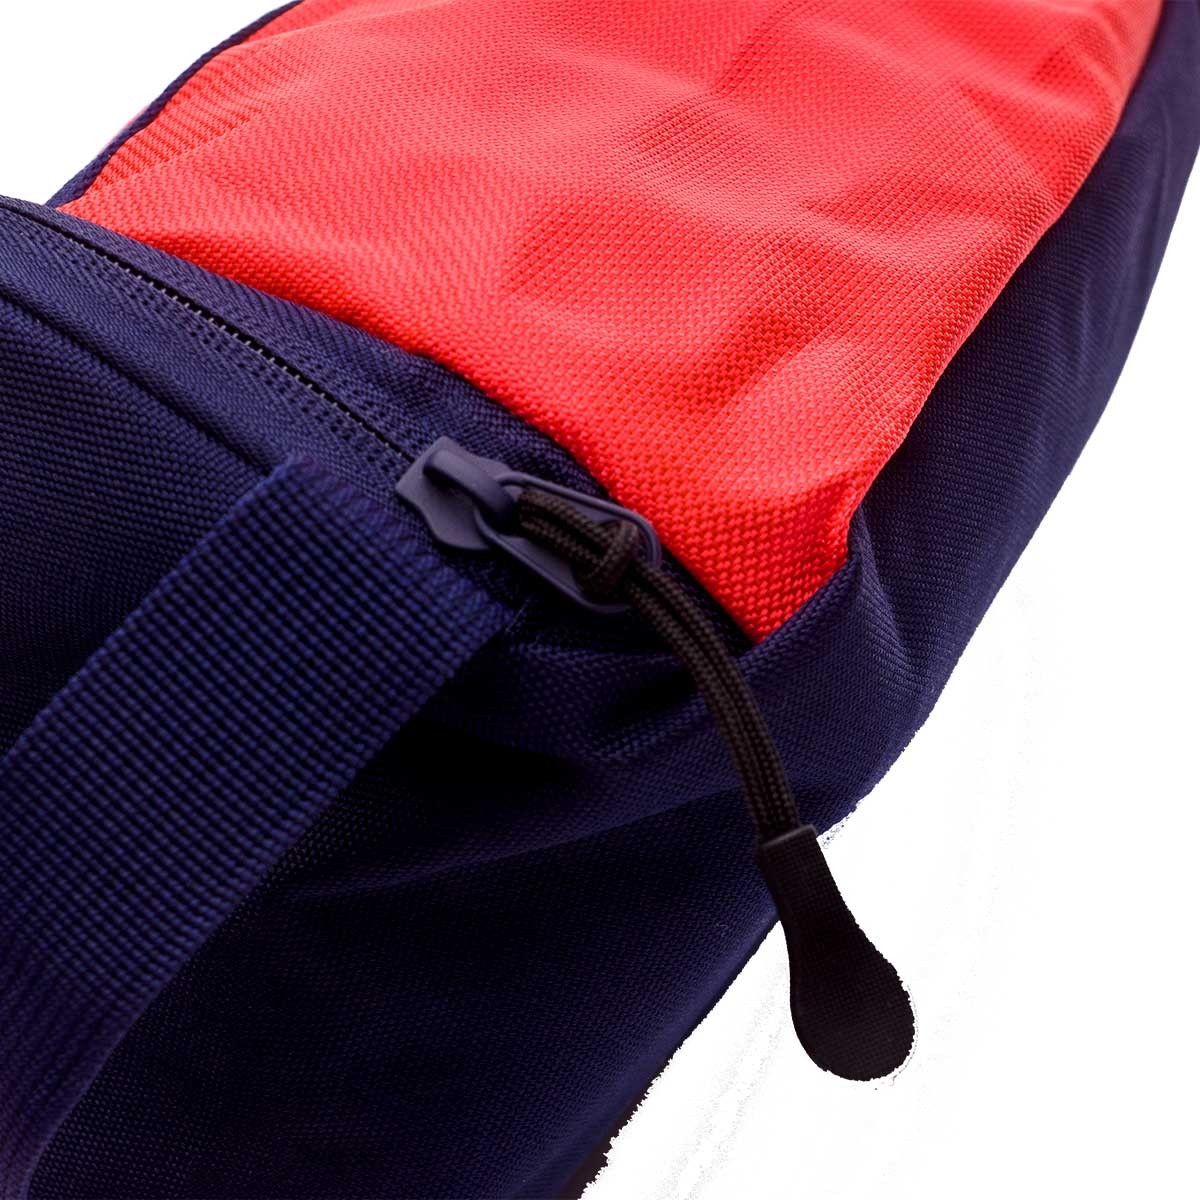 new balance boot bag